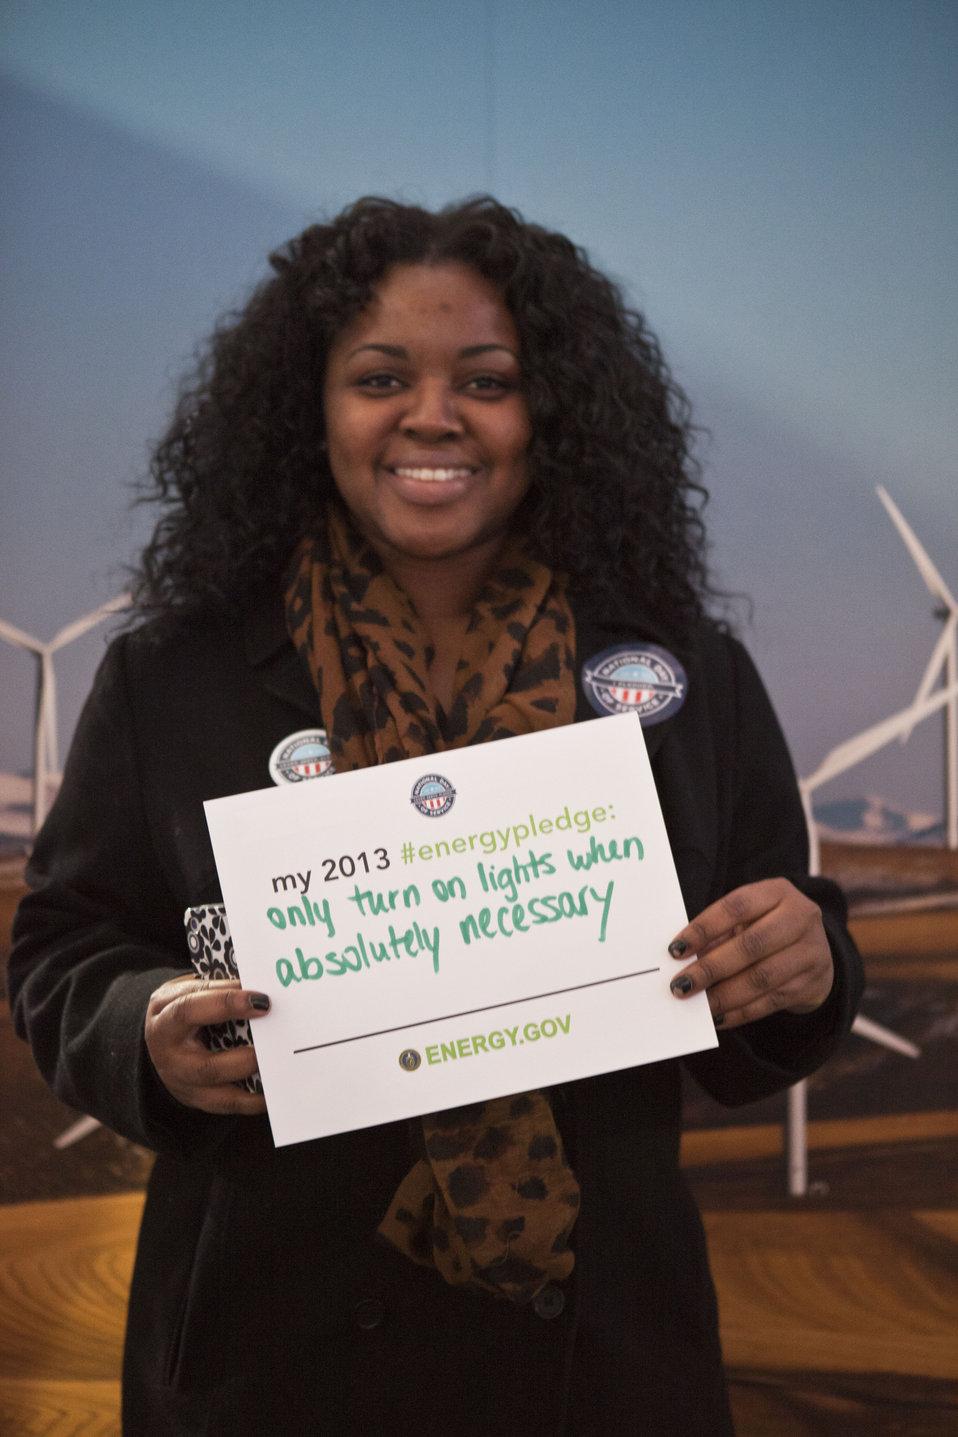 What's your #energypledge?